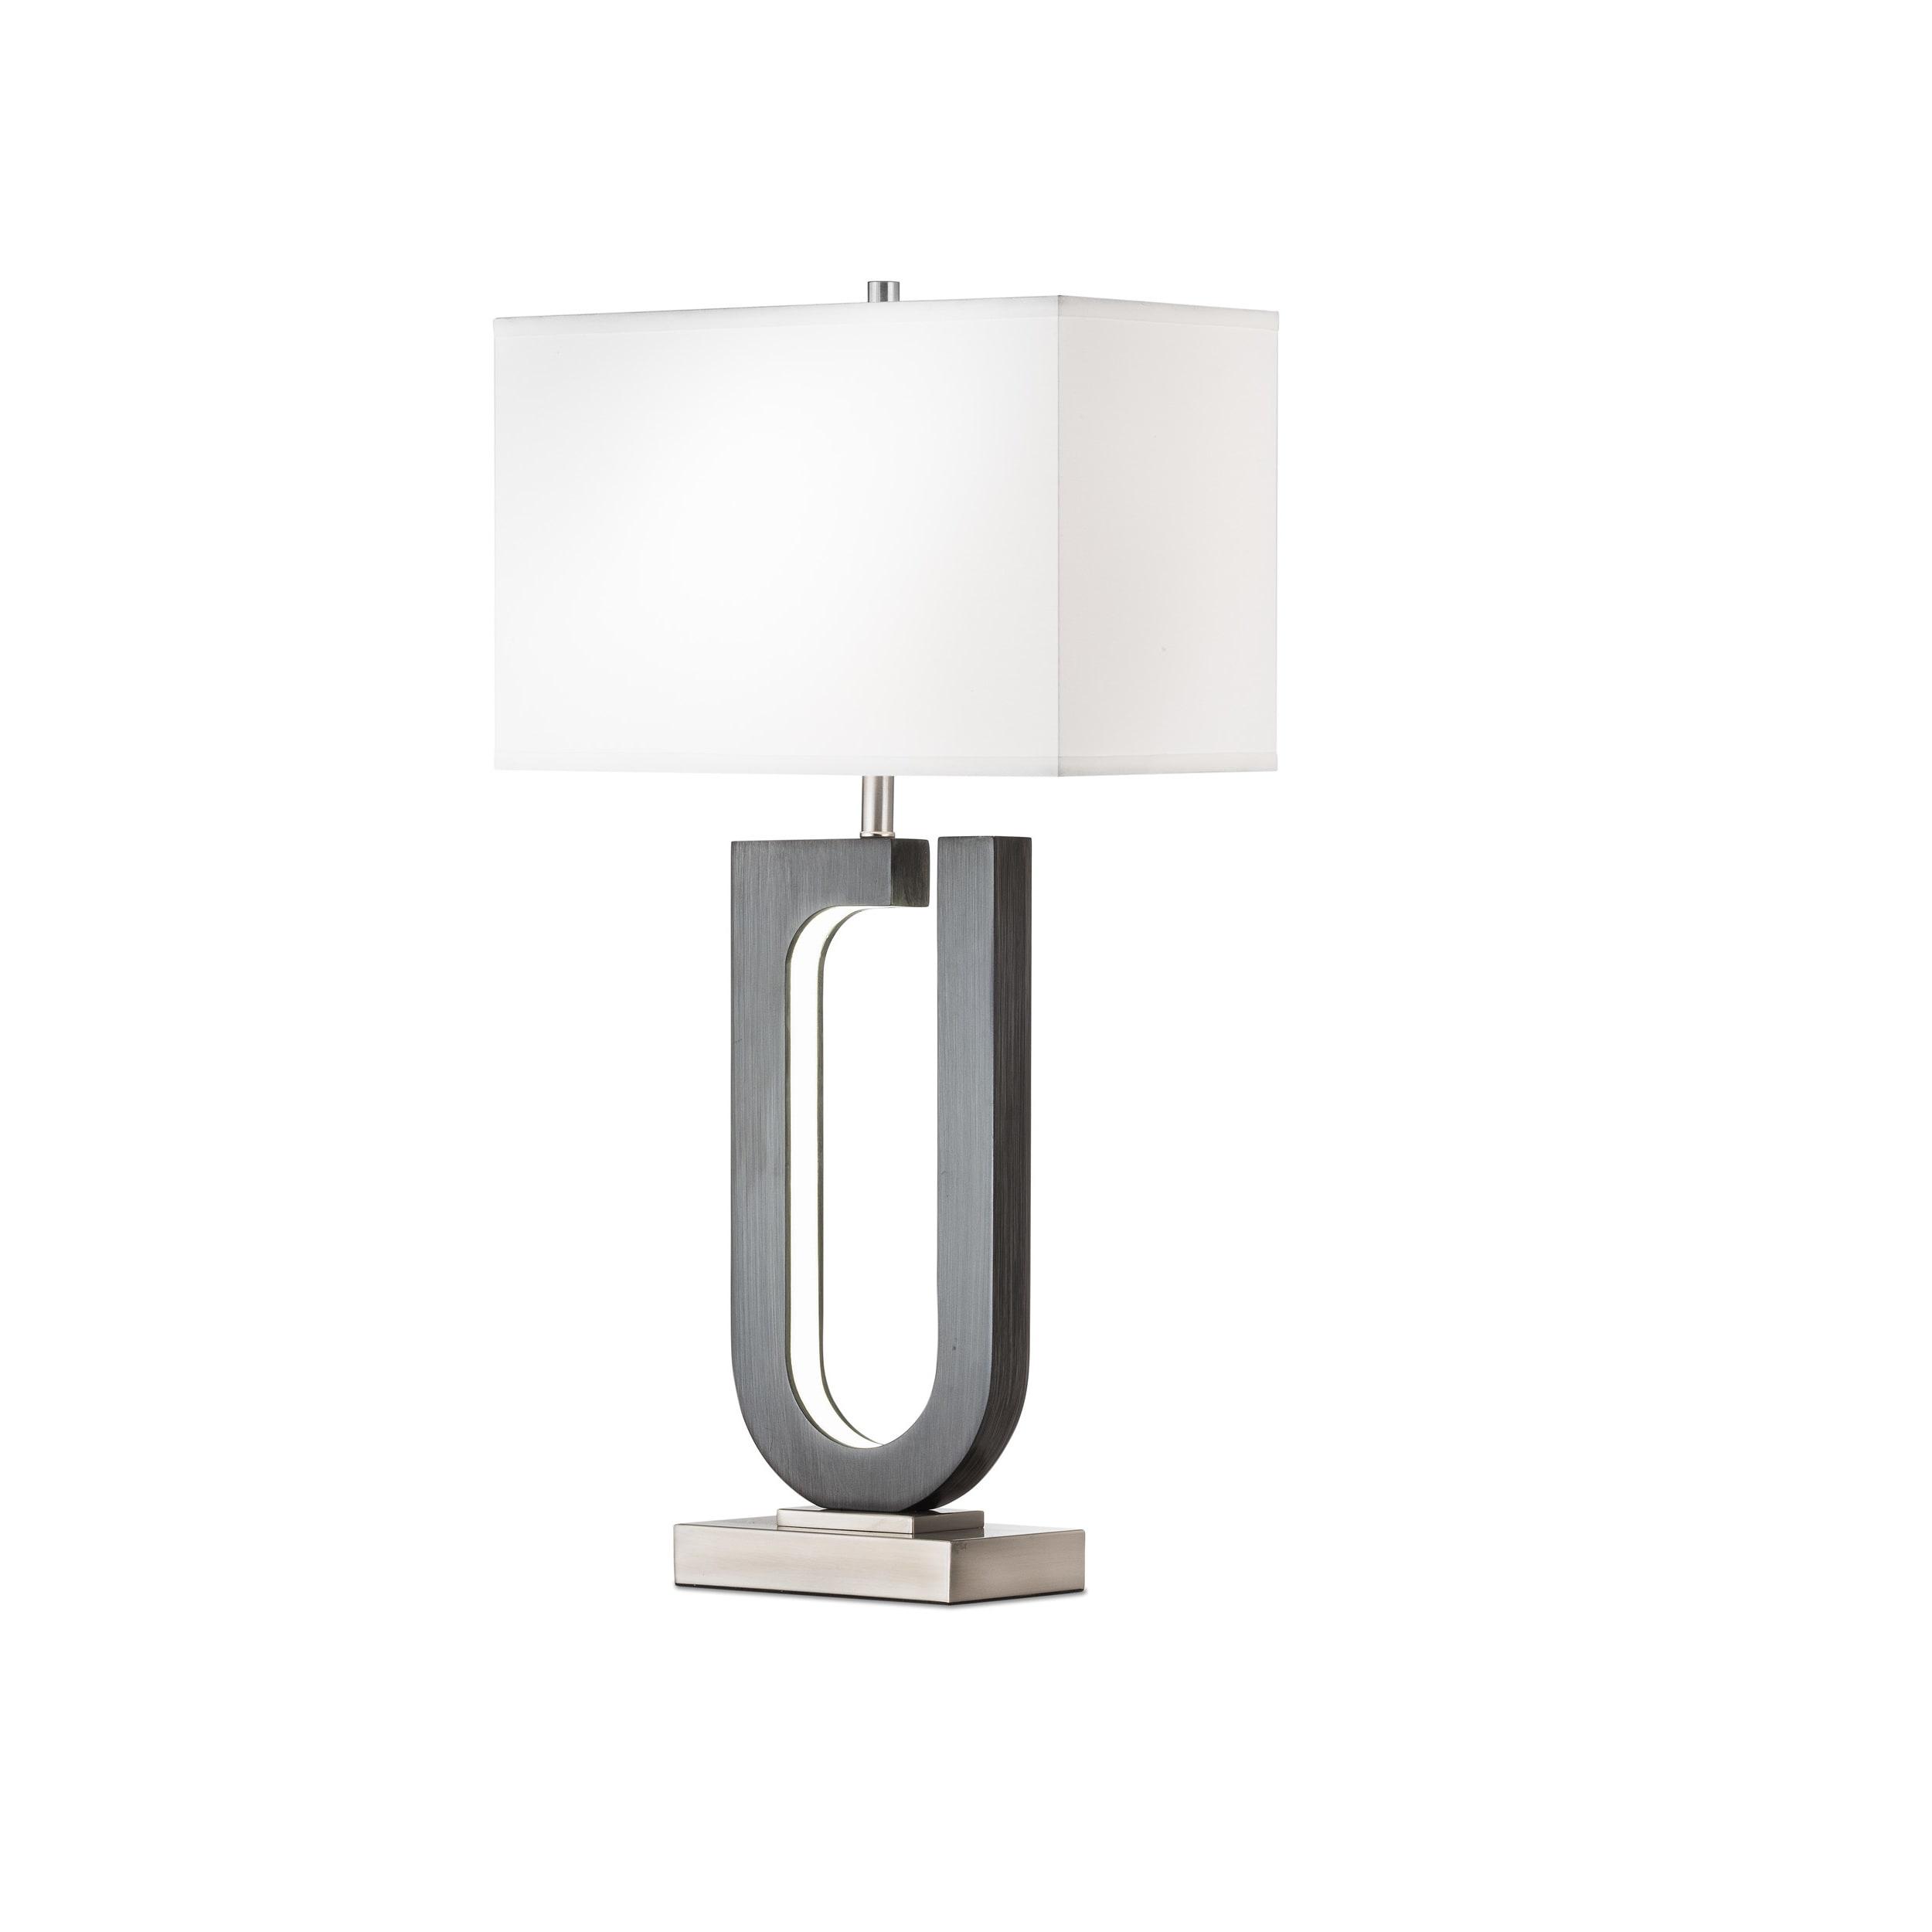 Shop Nova Lighting Horseshoe Table Lamp Charcoal Gray Free